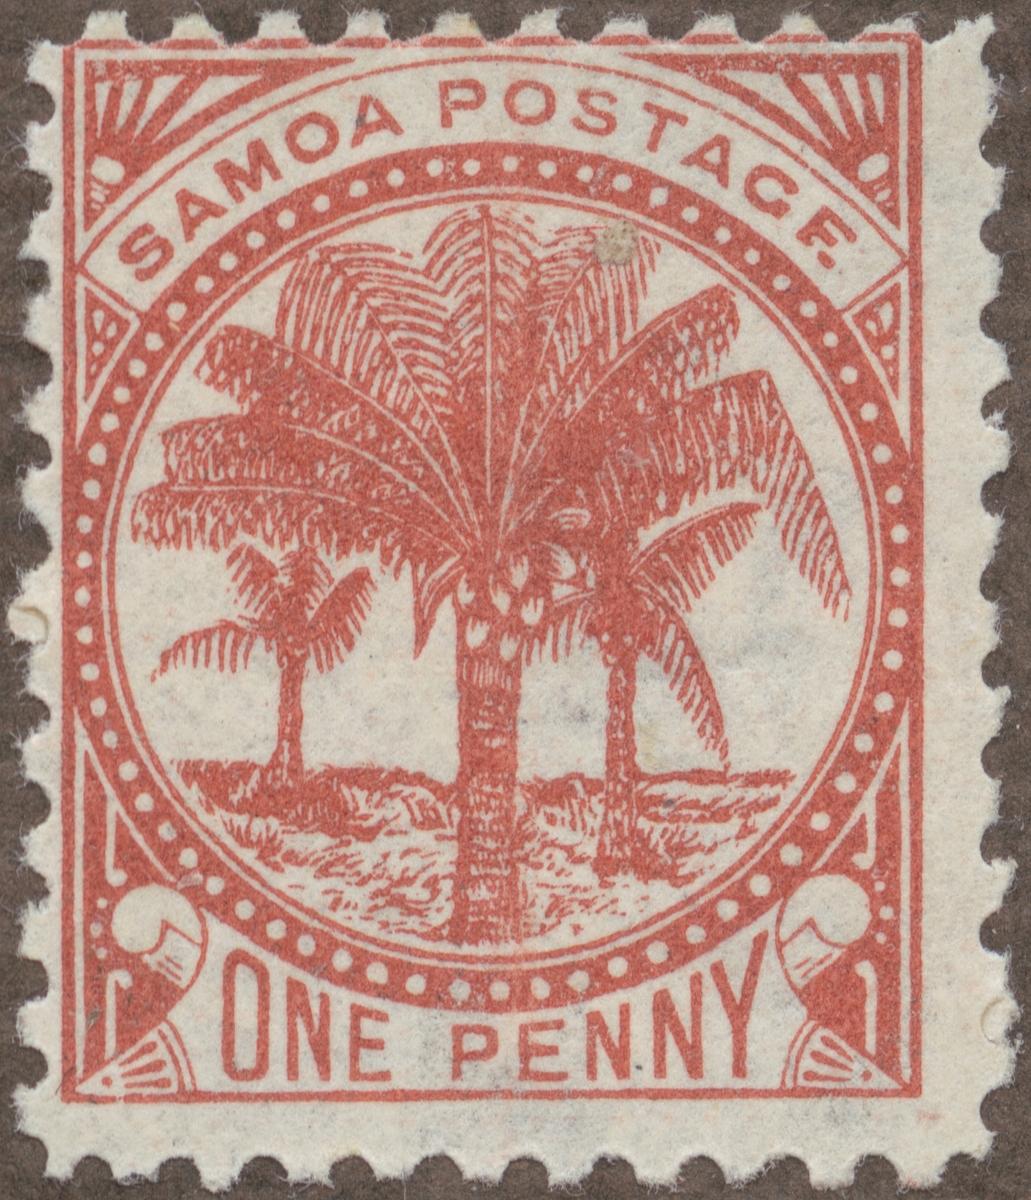 Frimärke ur Gösta Bodmans filatelistiska motivsamling, påbörjad 1950. Frimärke från Samoa, 1899. Motiv av kokospalmer med frukter.